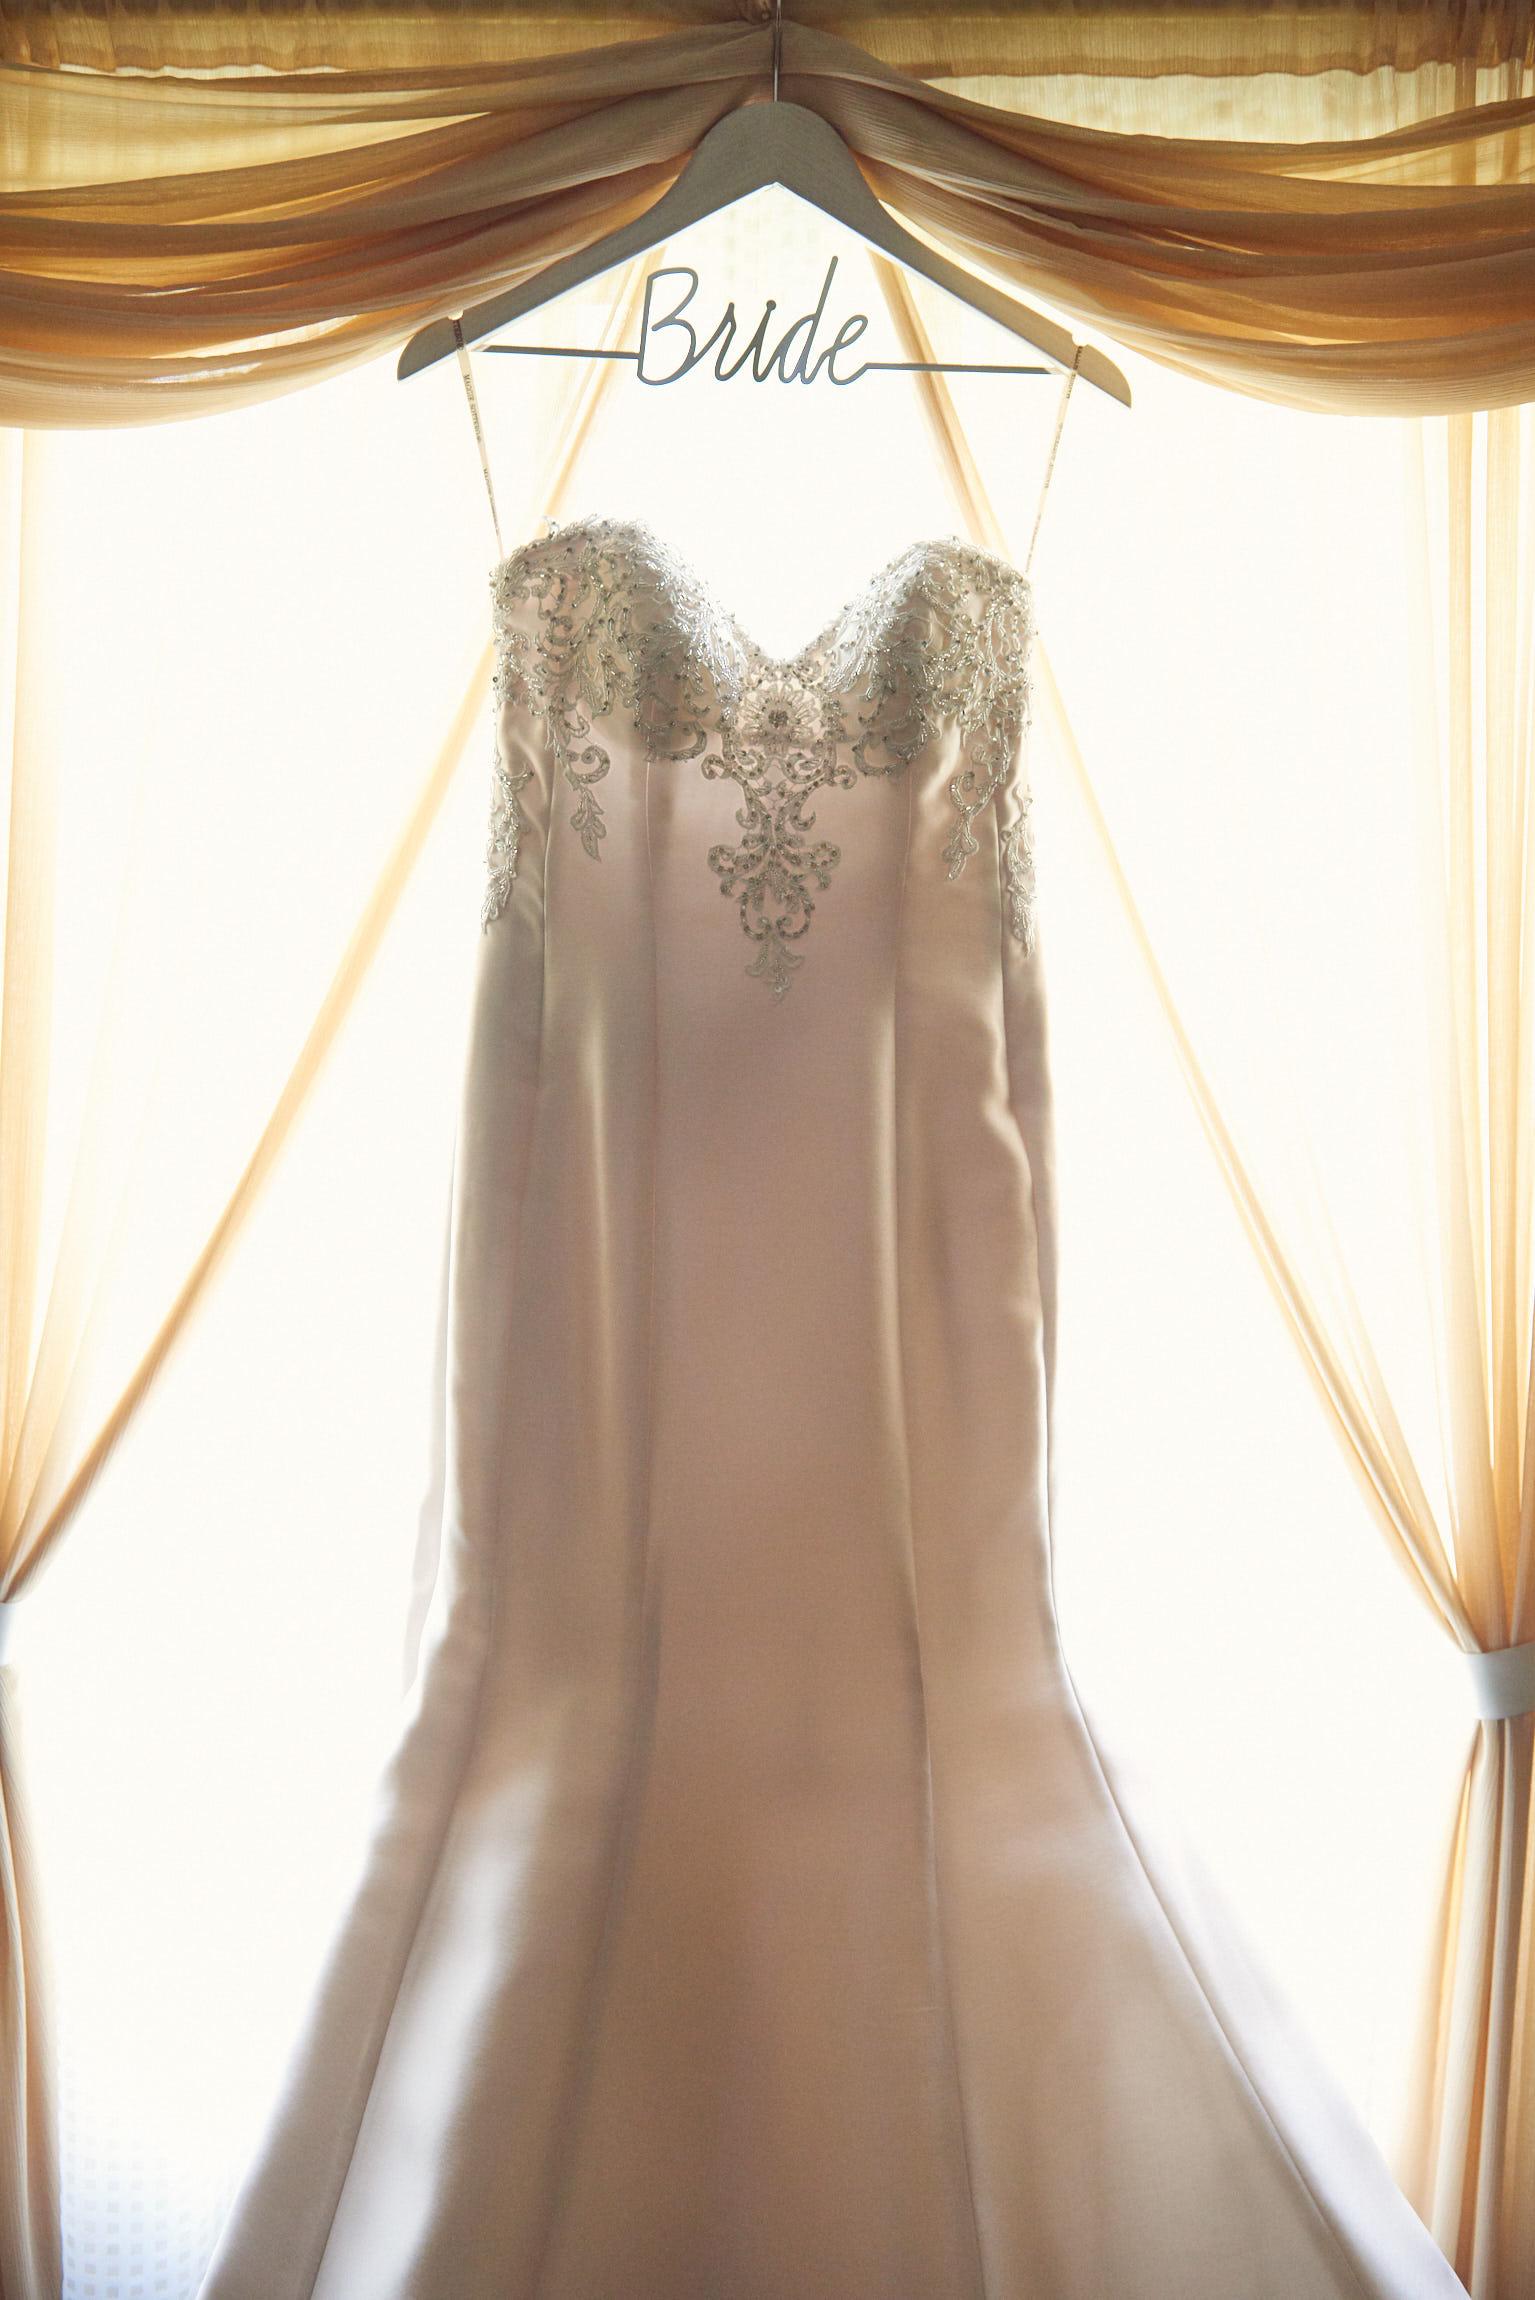 Brides dress hanging on bride hanger